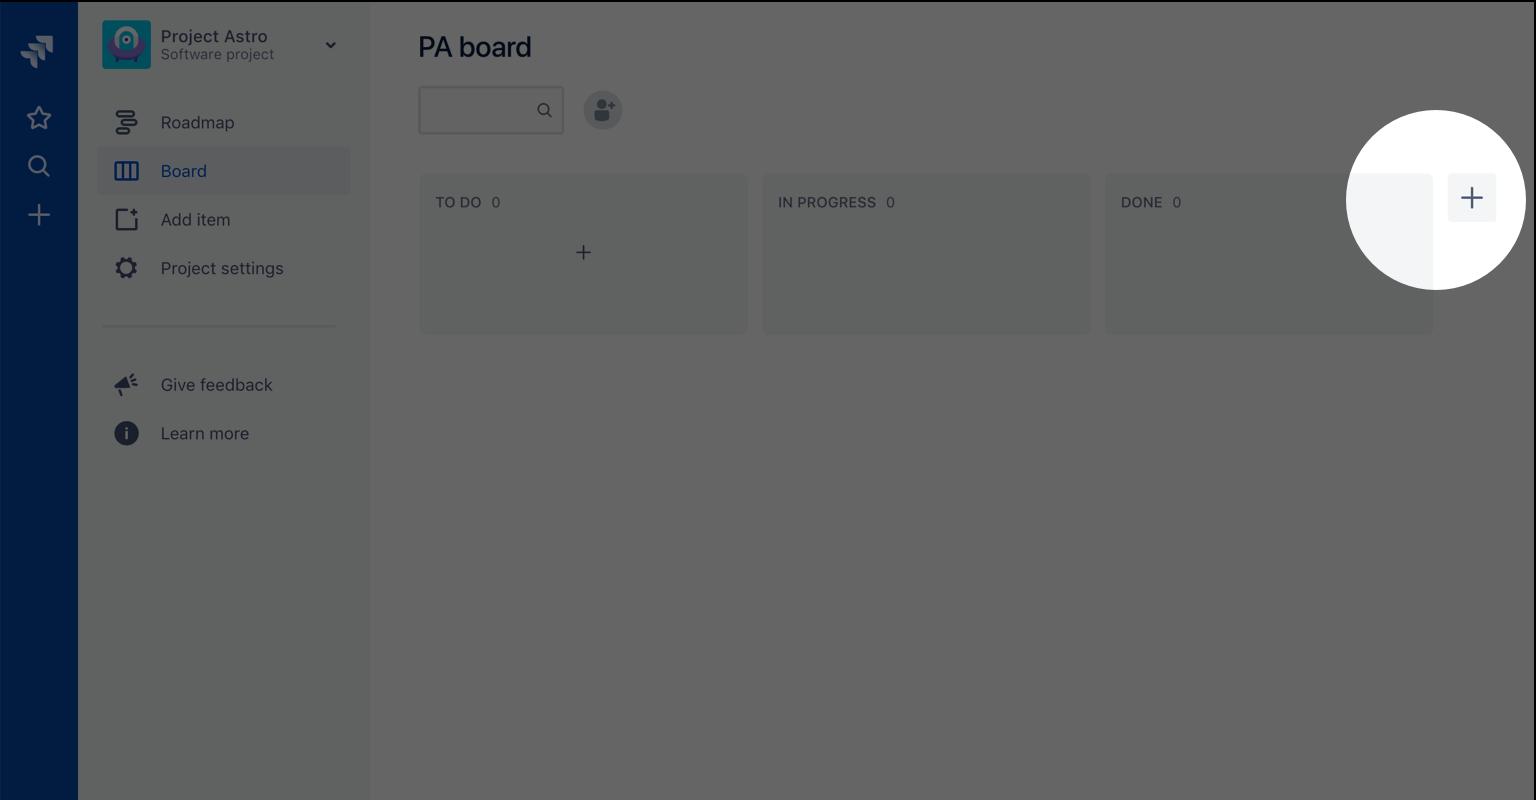 Az új oszlop gombot mutató képernyőkép